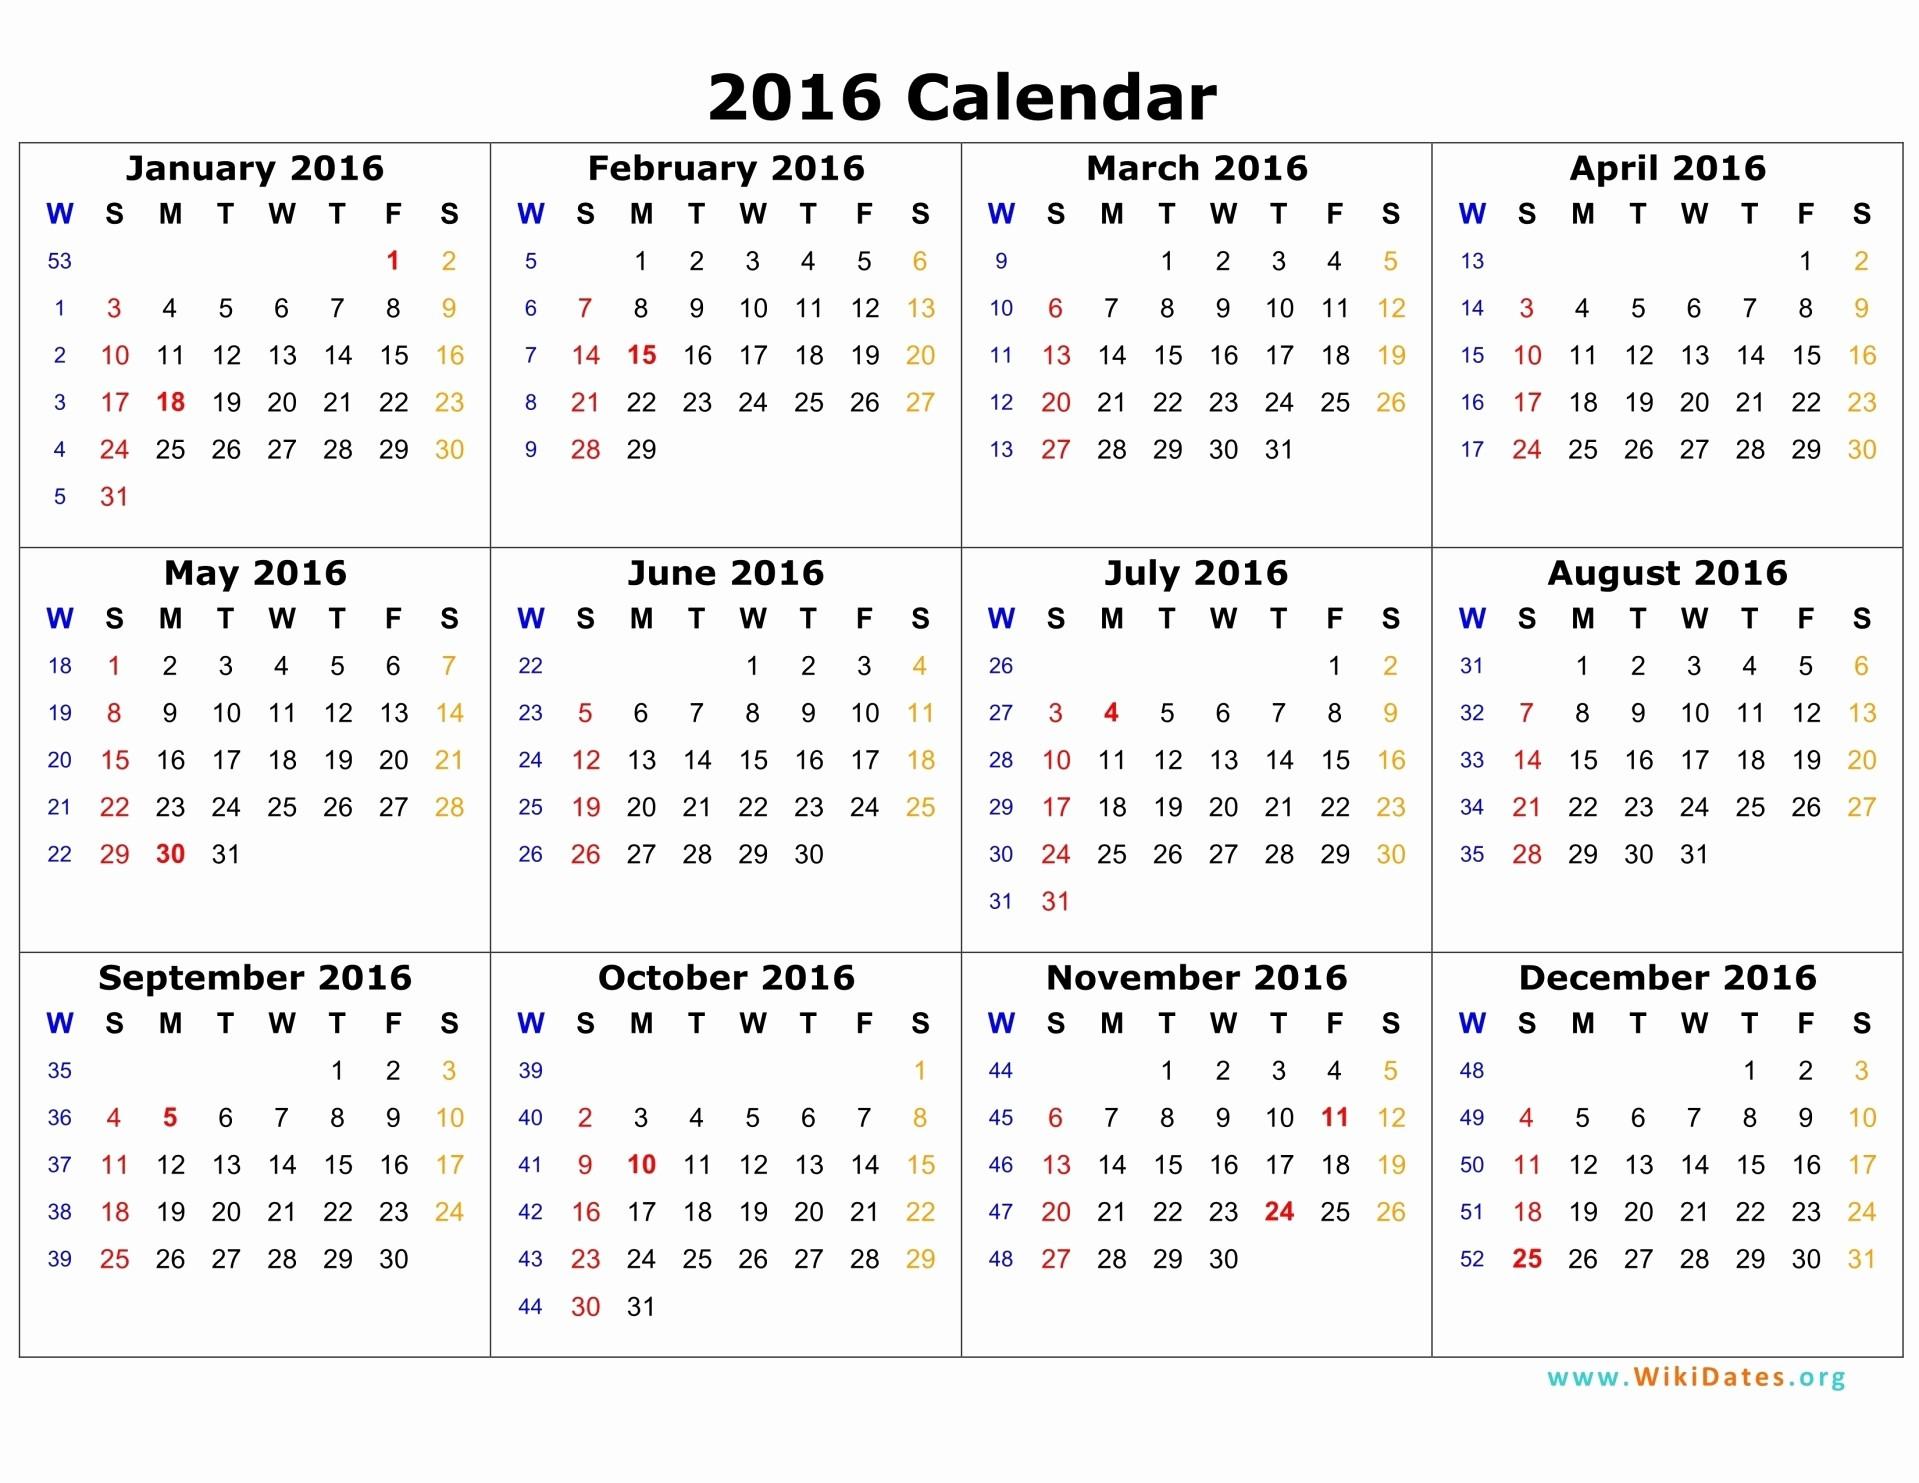 Calendar 2016 Printable with Holidays Beautiful 2016 Calendar